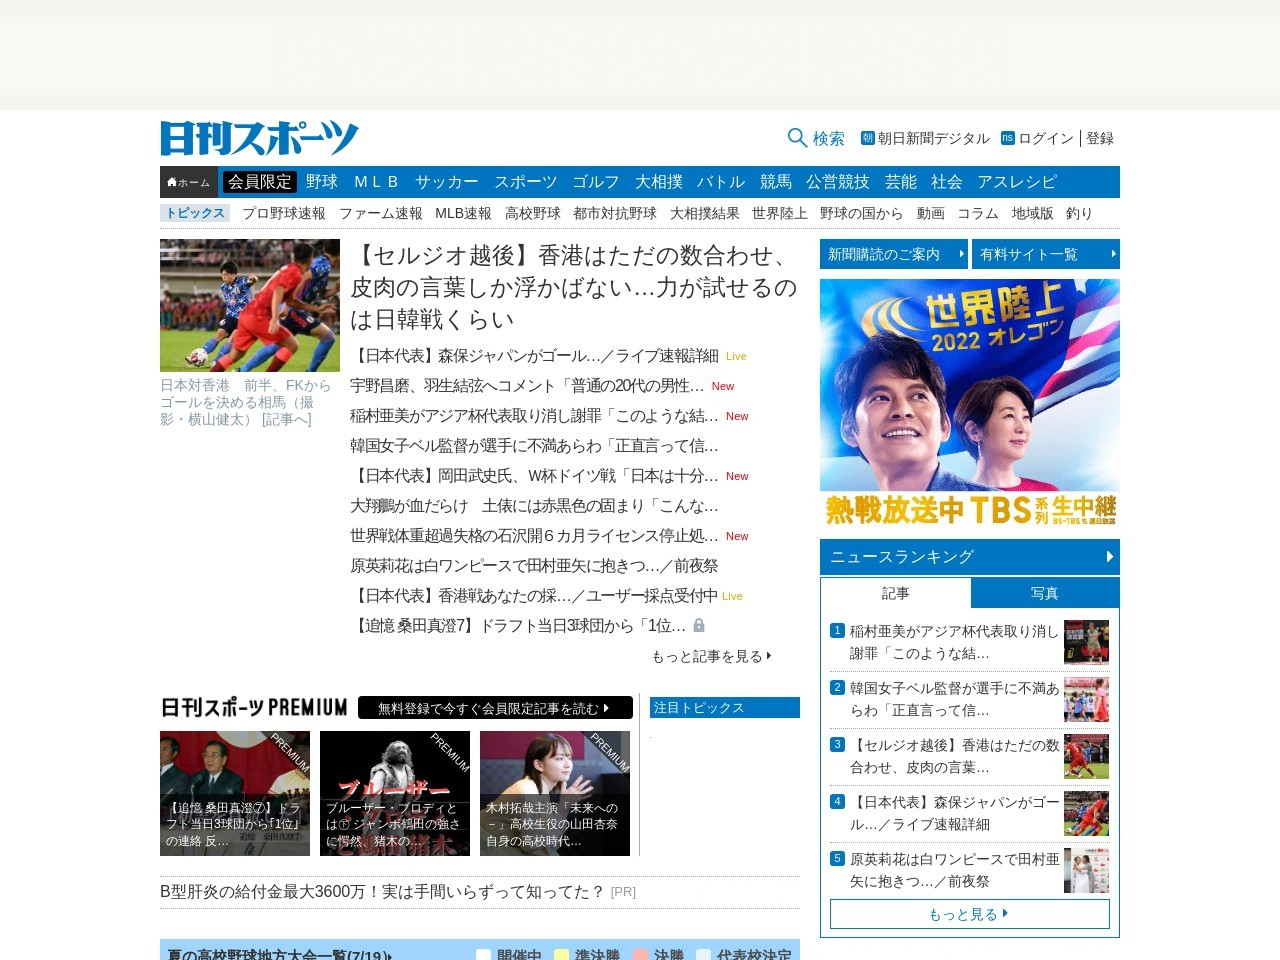 大坂なおみ会見拒否で罰金、世界1位は最高62万円